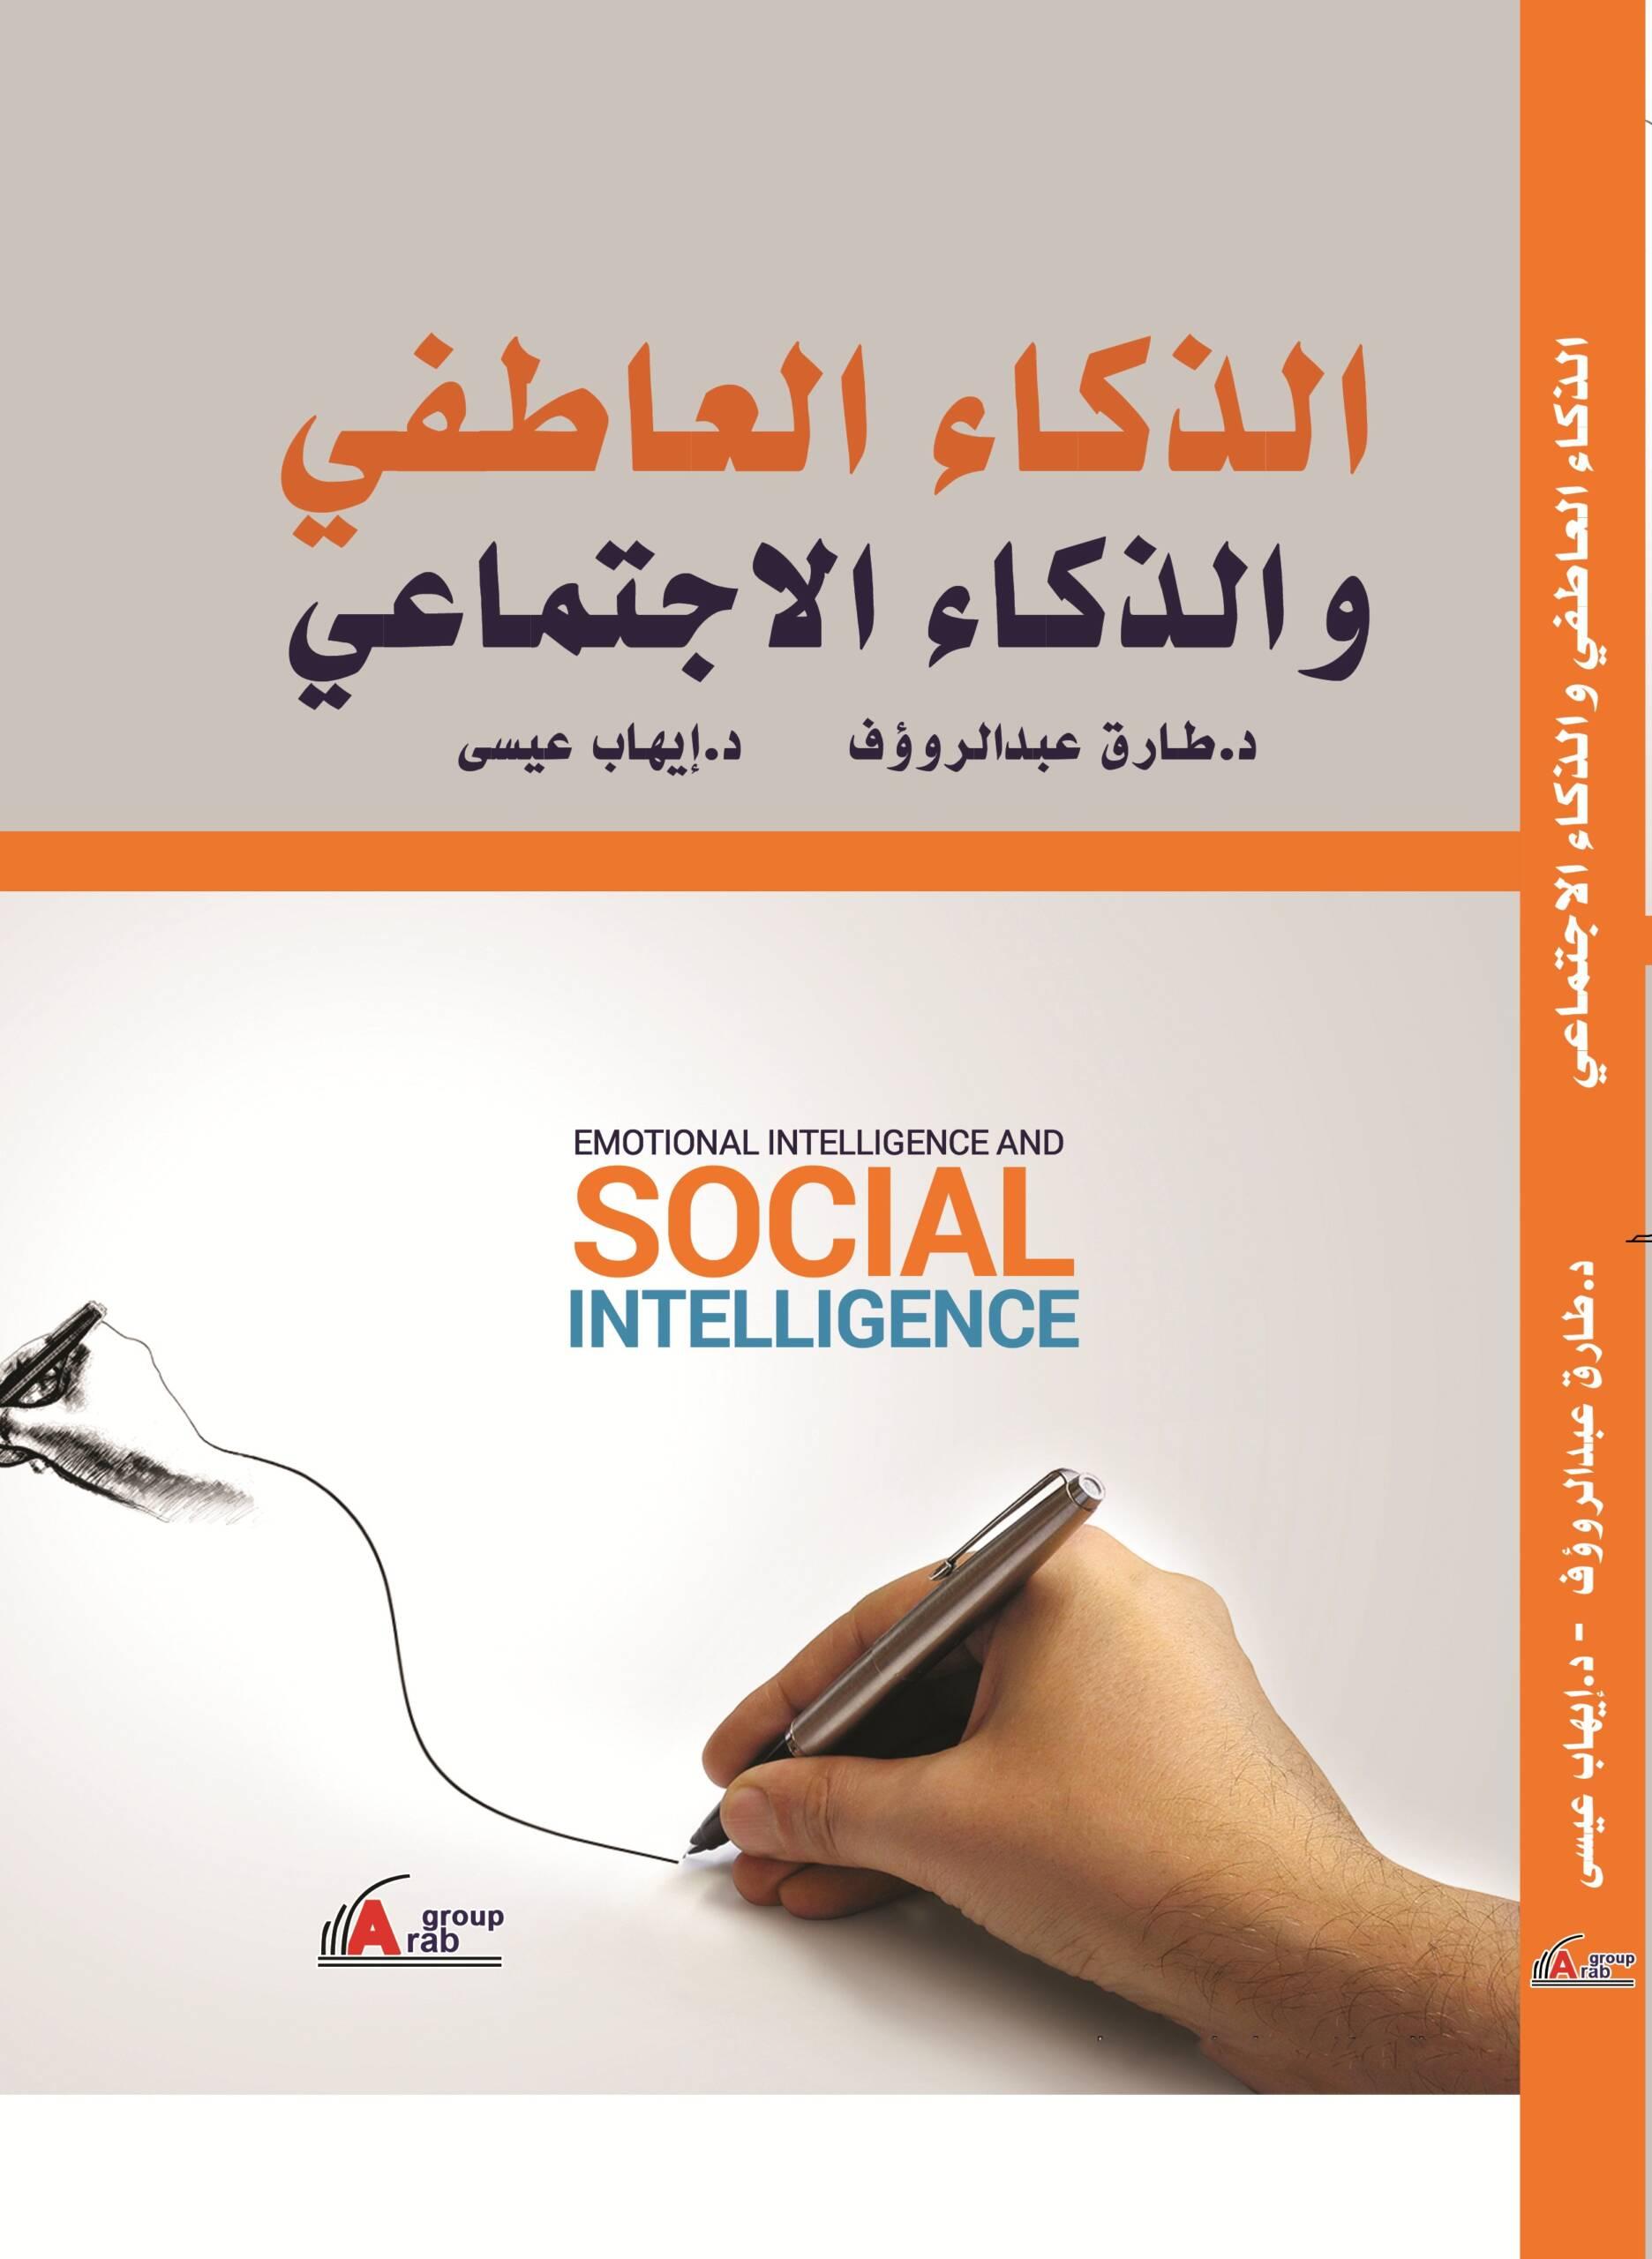 الذكاء العاطفي والذكاء الإجتماعي